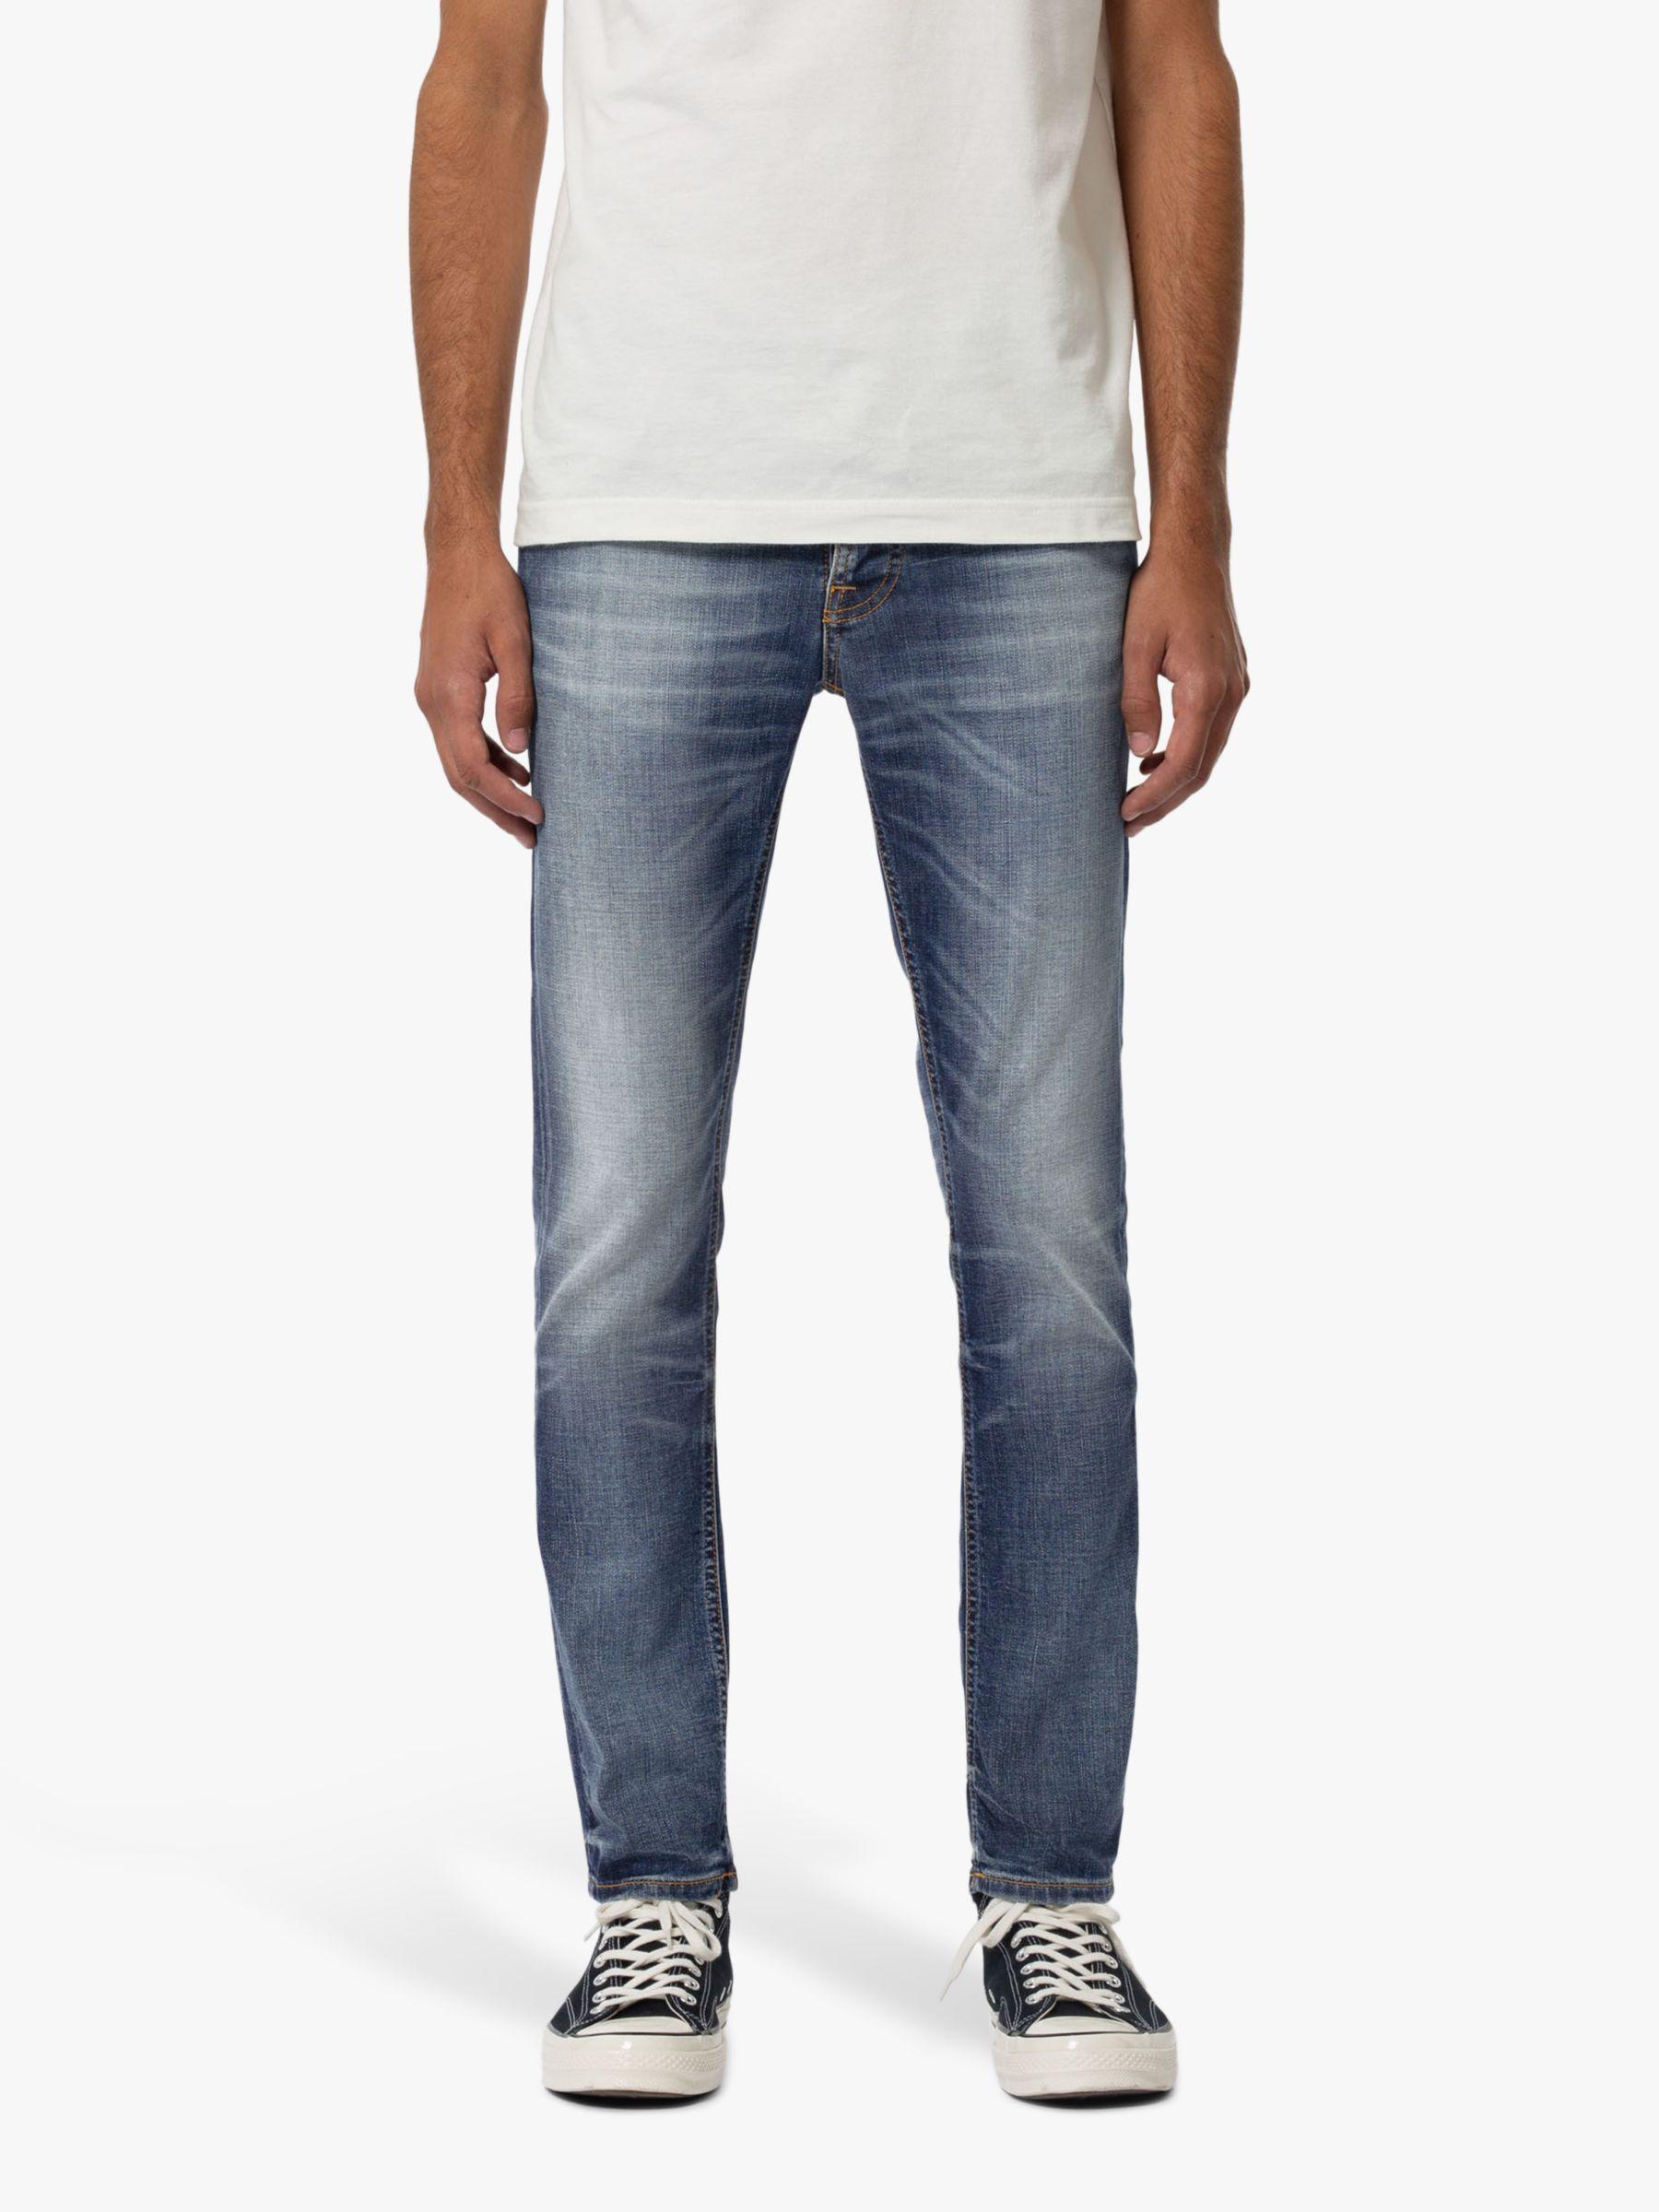 Nudie Jeans Nudie Jeans Slim Grim Tim Jeans, Worn In Broken